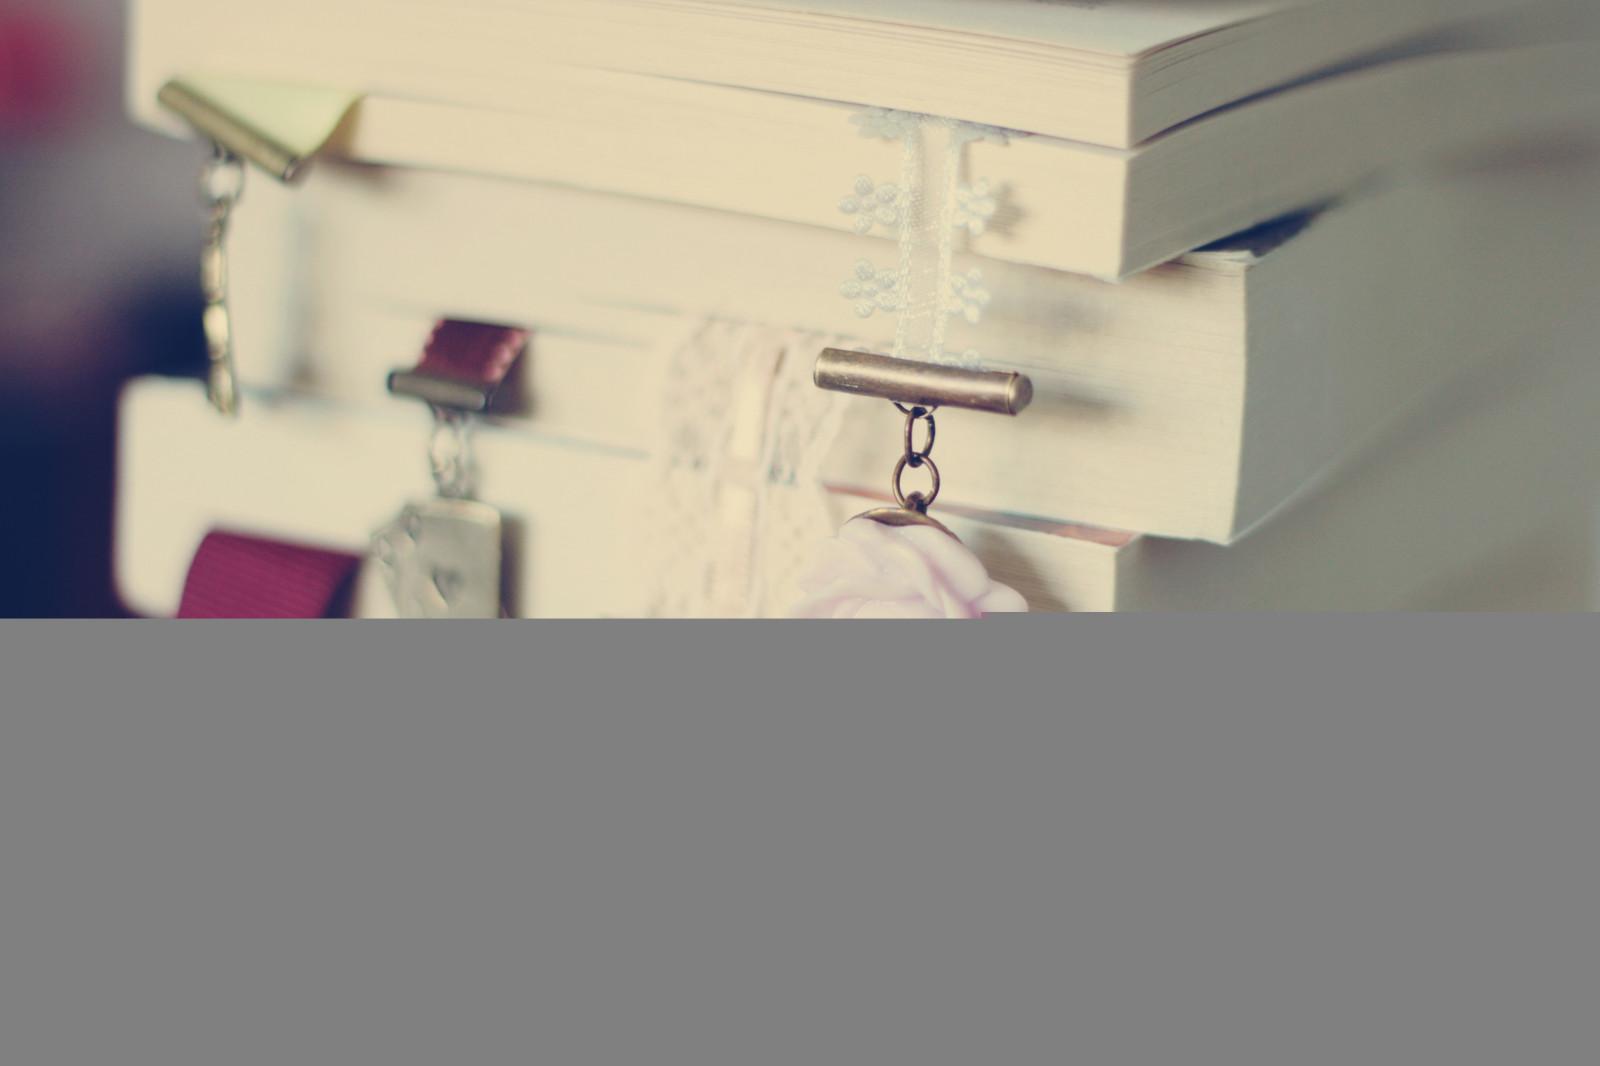 Innenarchitektur Bücher hintergrundbilder zimmer bücher tür innenarchitektur farbe